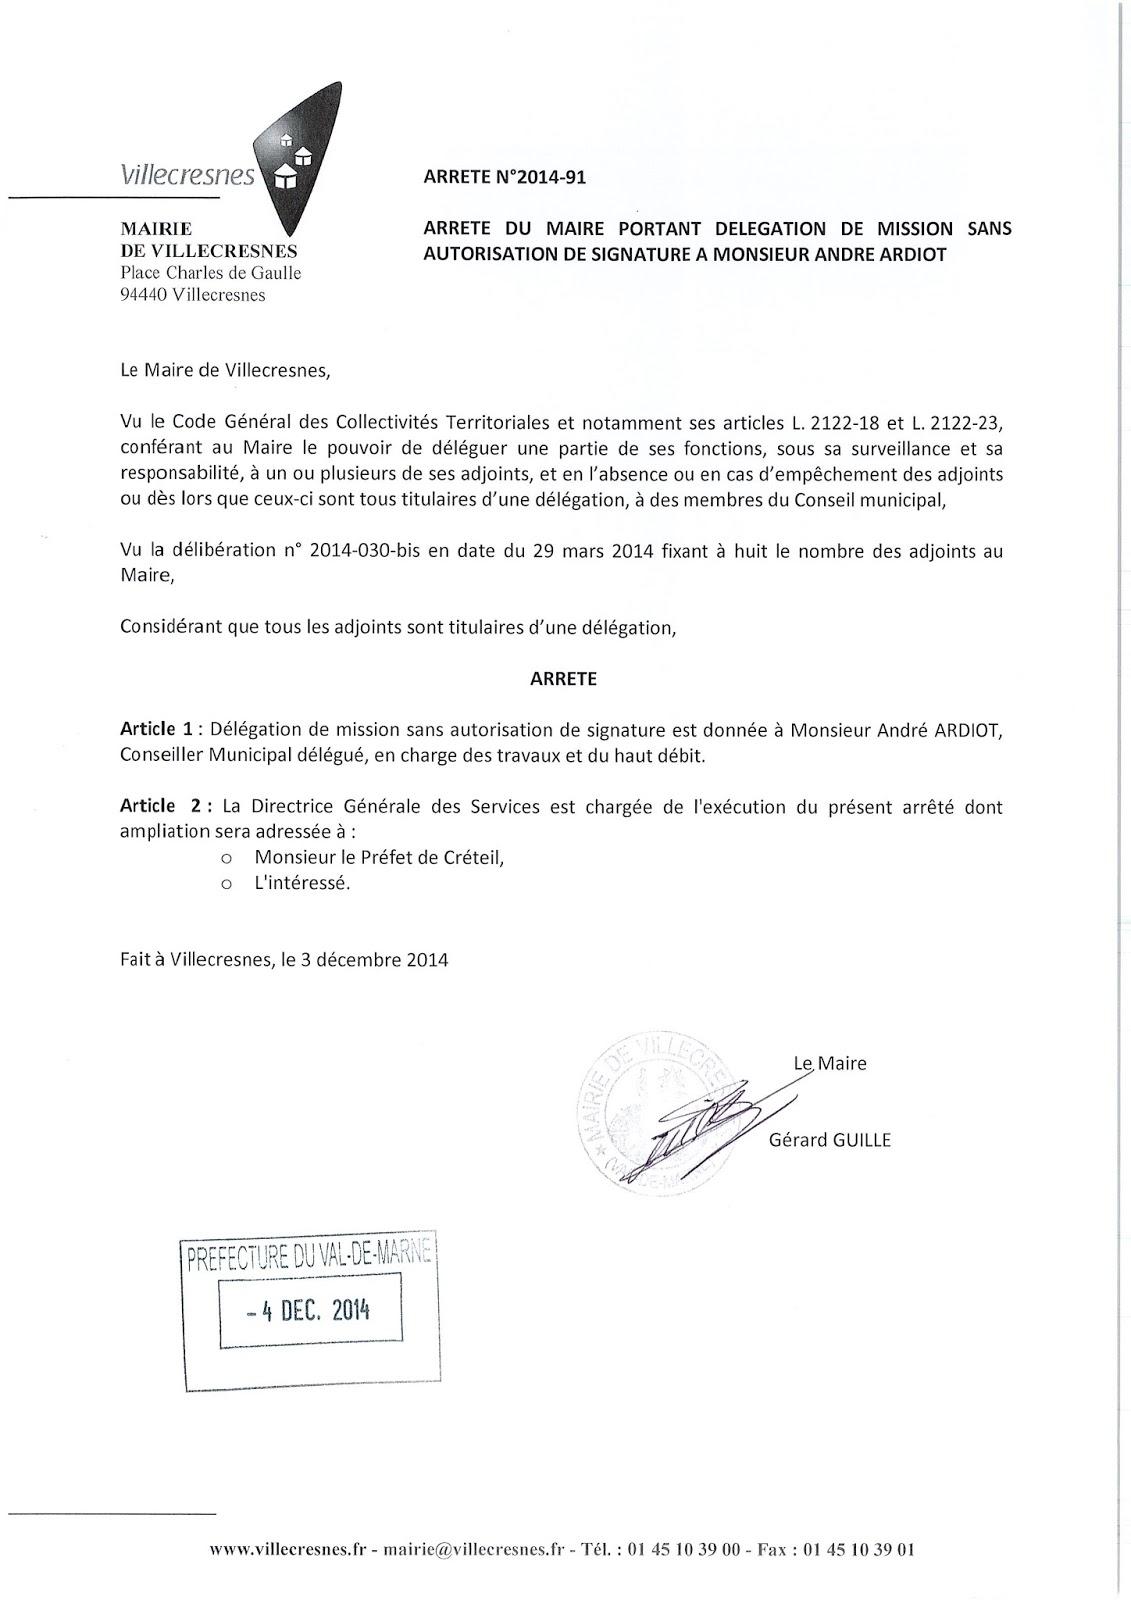 2014-091 Délégation de fonction mission sans autorisation de signature à Monsieur André Ardiot